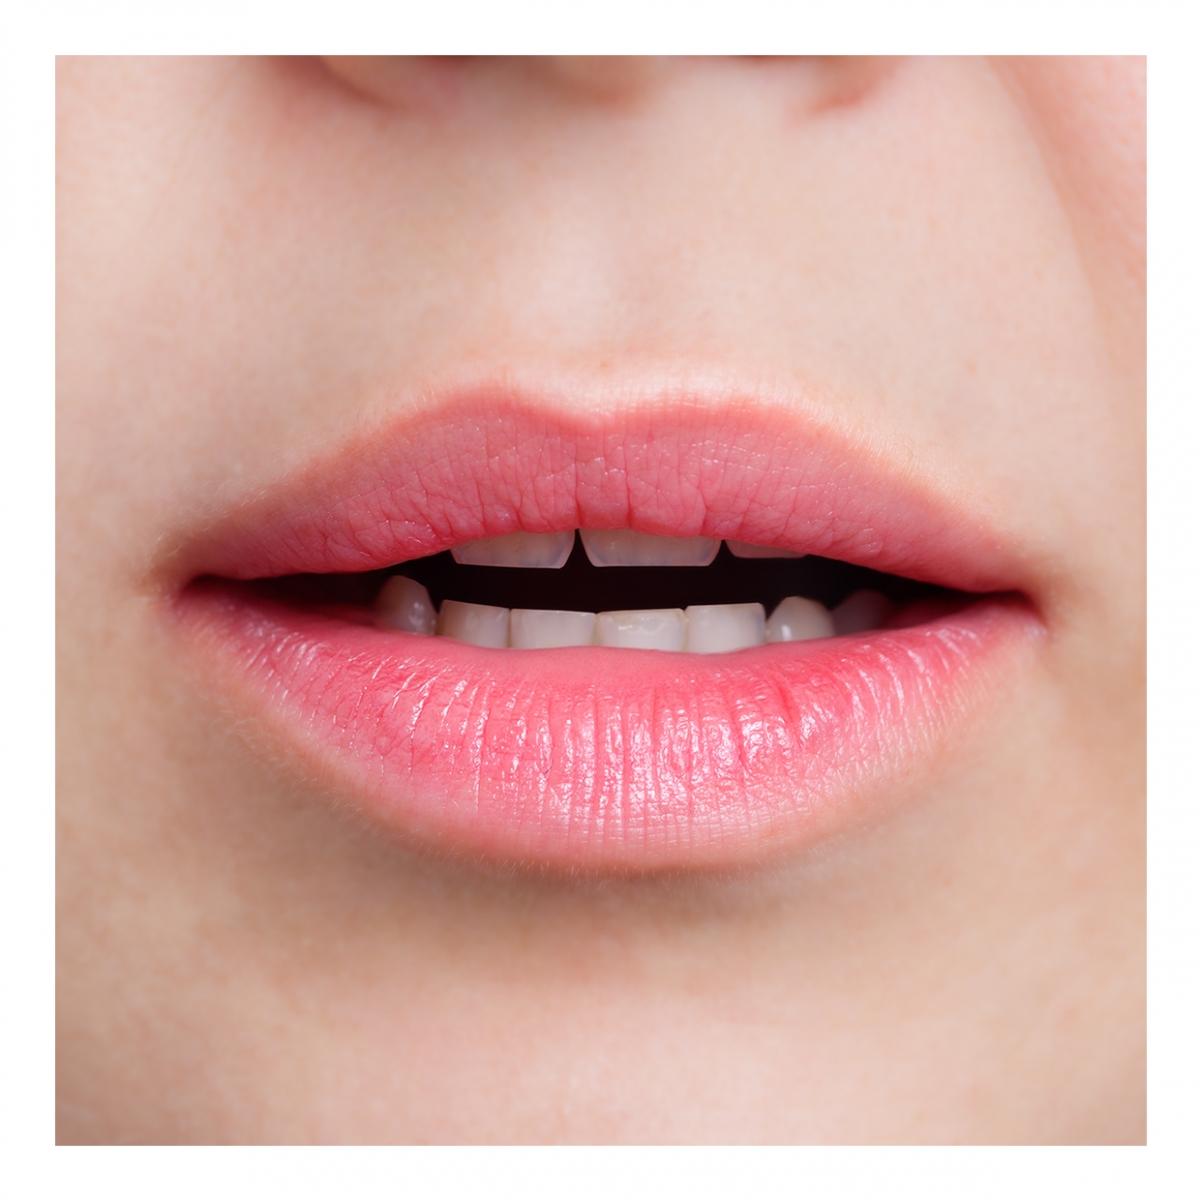 Imagen en la que se ve una boca